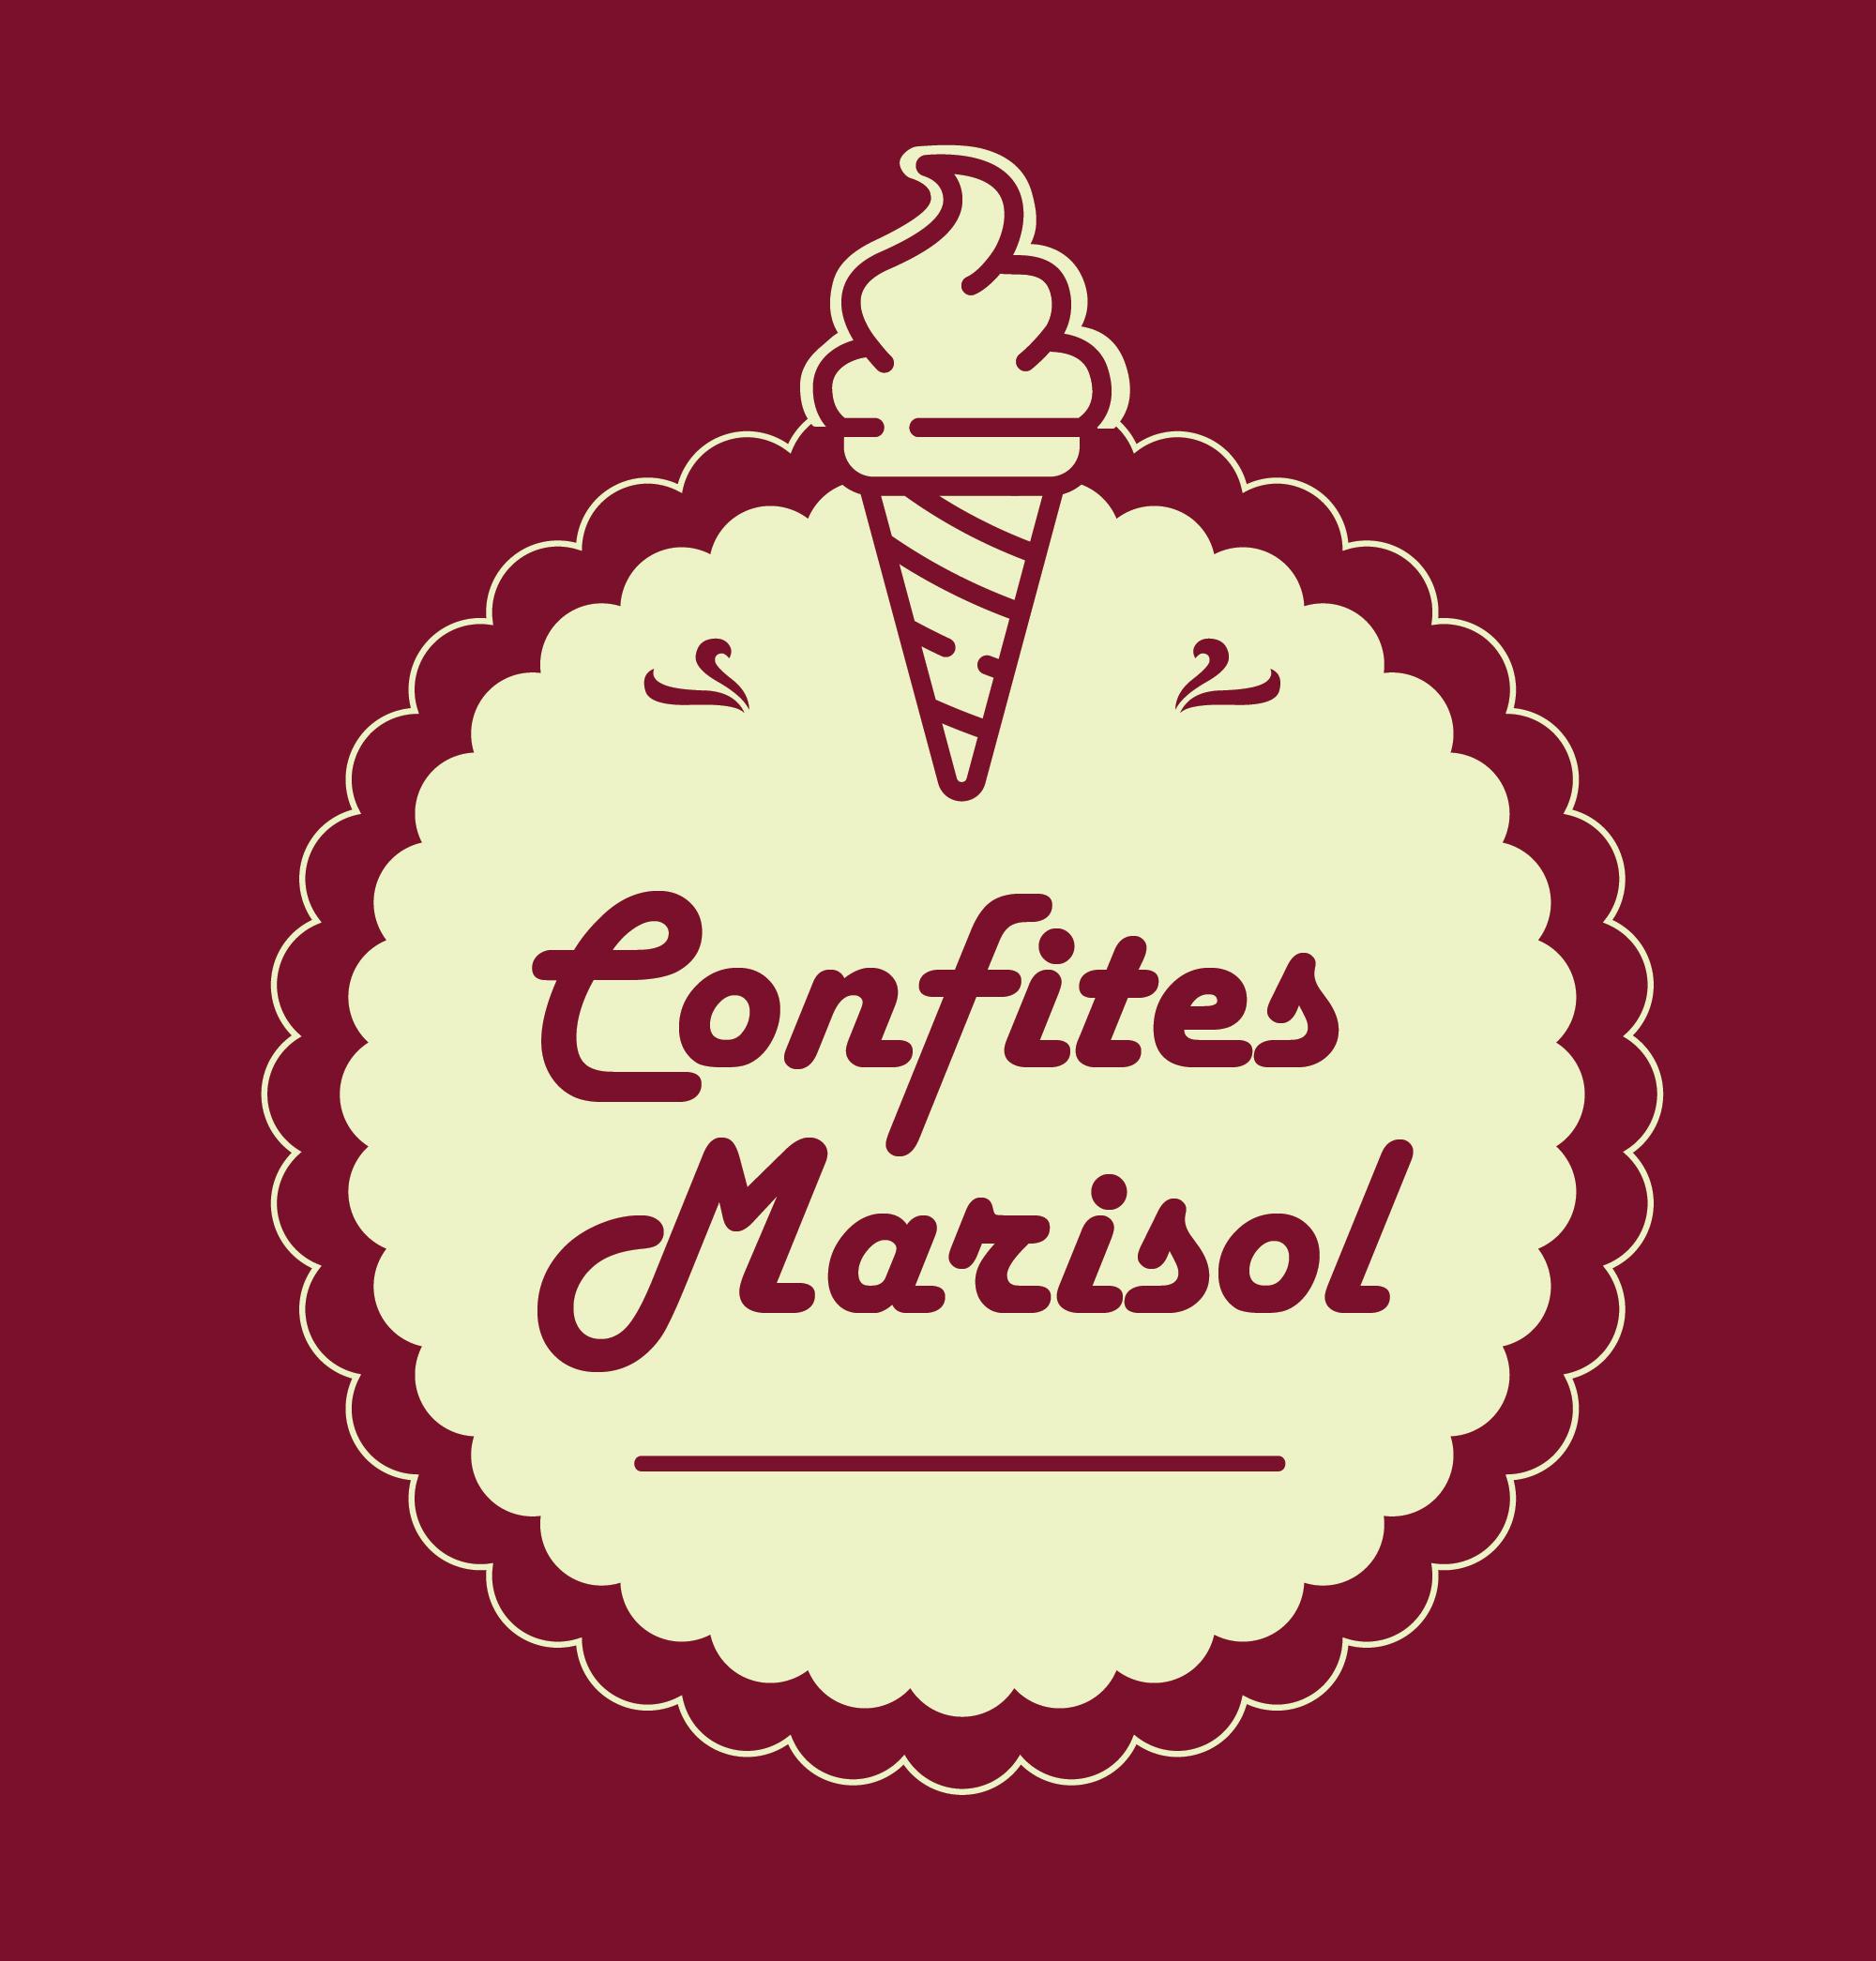 CONFITES MARISOL